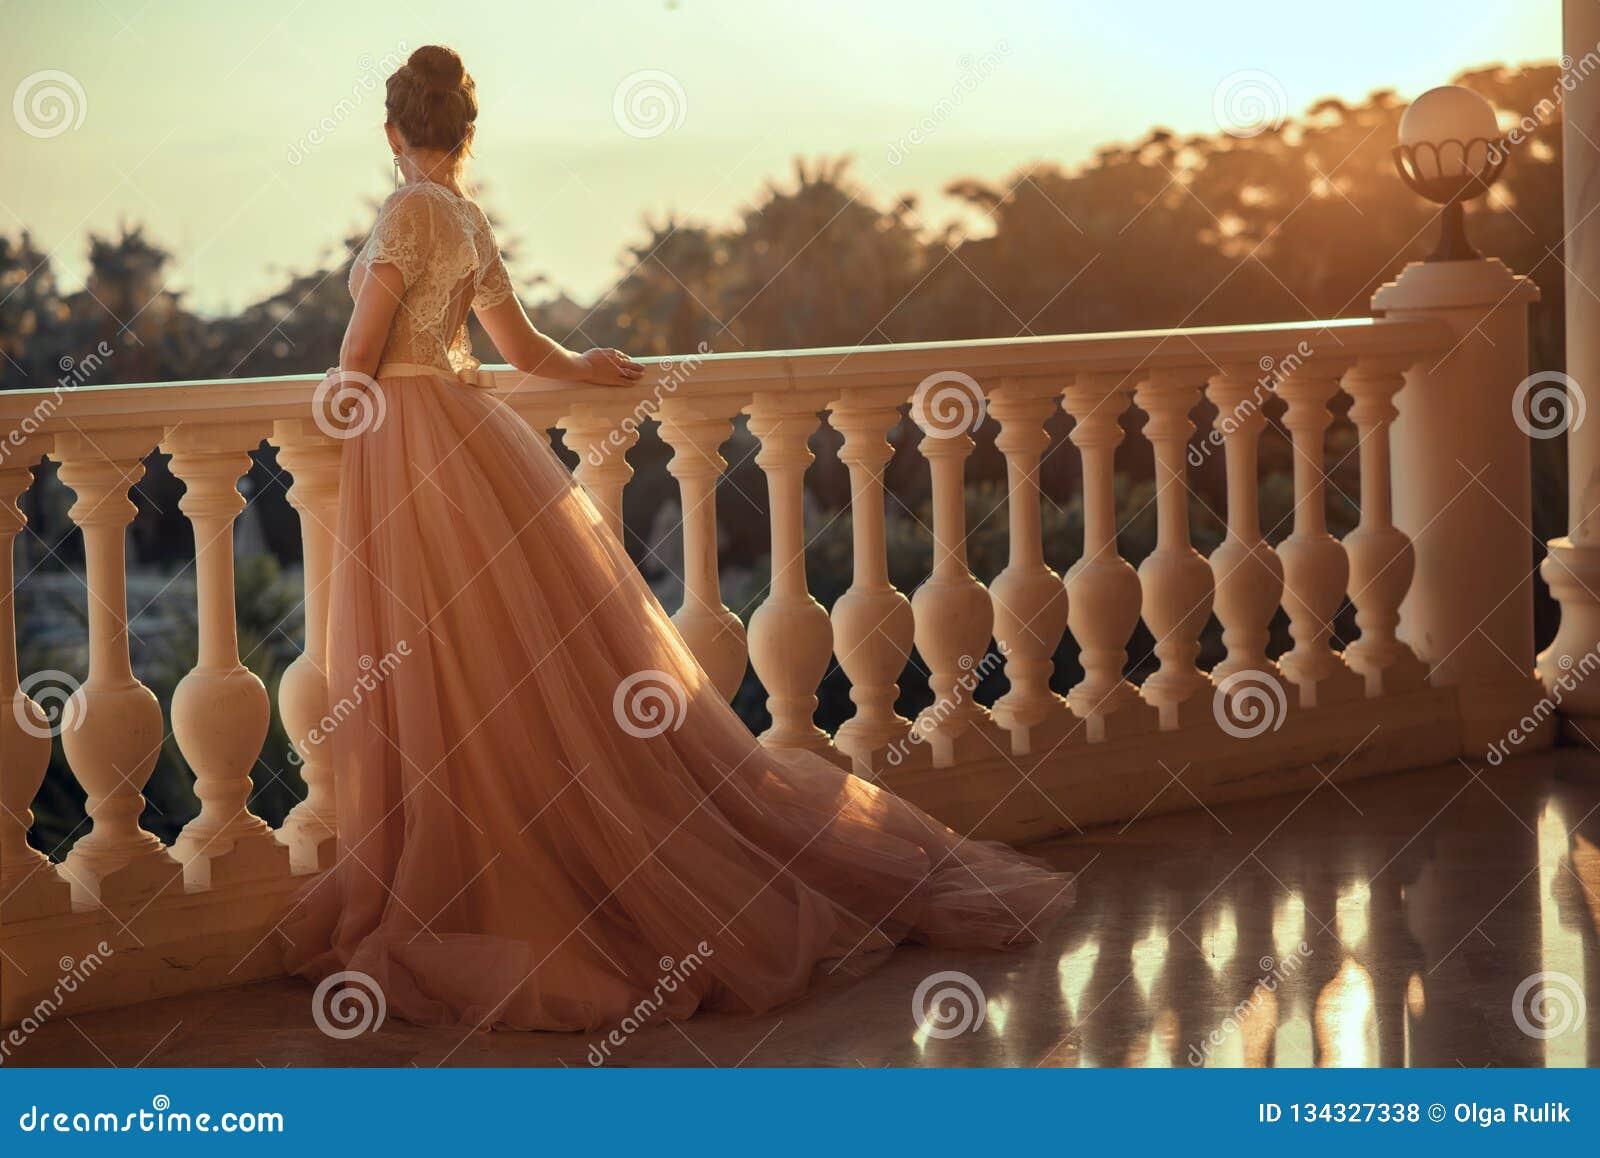 Schöne Dame im luxuriösen Ballsaalkleid mit Tulle-Rock und Spitzen- Spitzenstellung auf dem großen Balkon